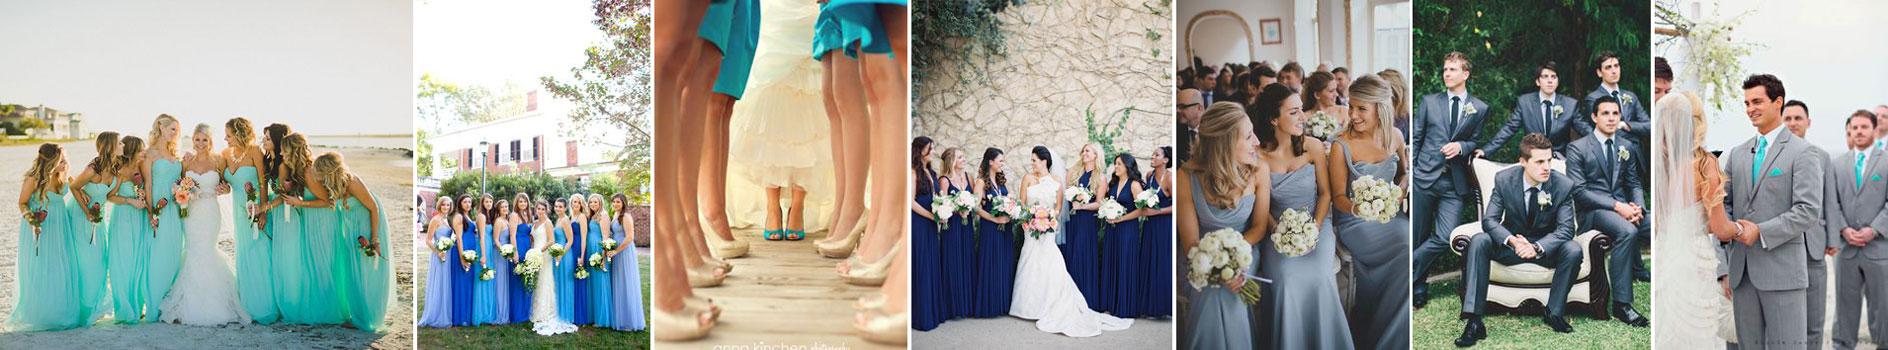 poradnik ślubny wedding planner'ki - świadkowa na niebiesko